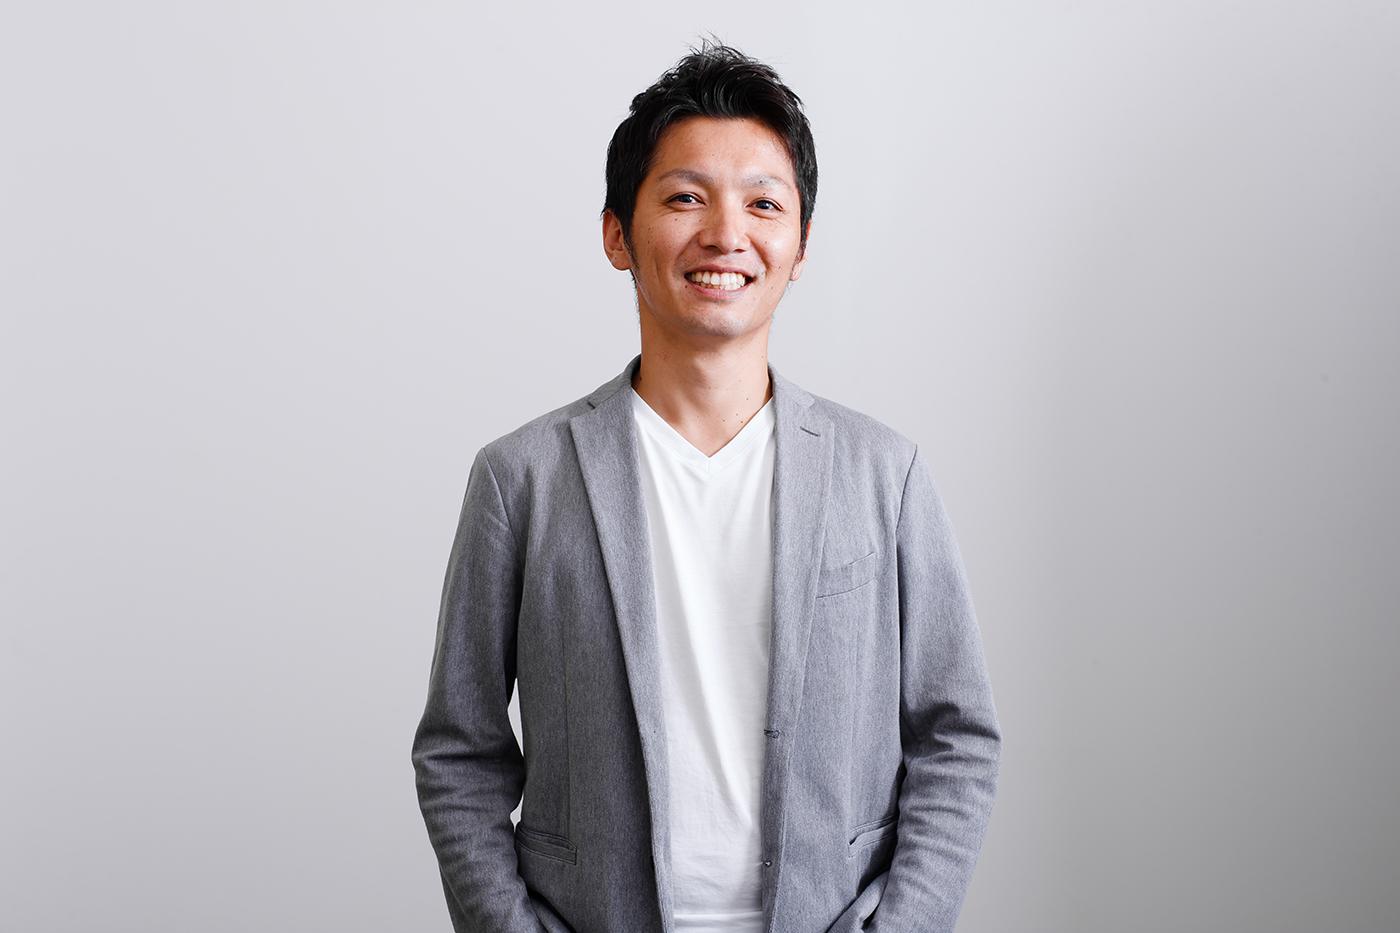 パソナキャリアの凄腕営業マンは、なぜ 「for Startups, Inc.(旧NET jinzai bank)」 を選んだのか?